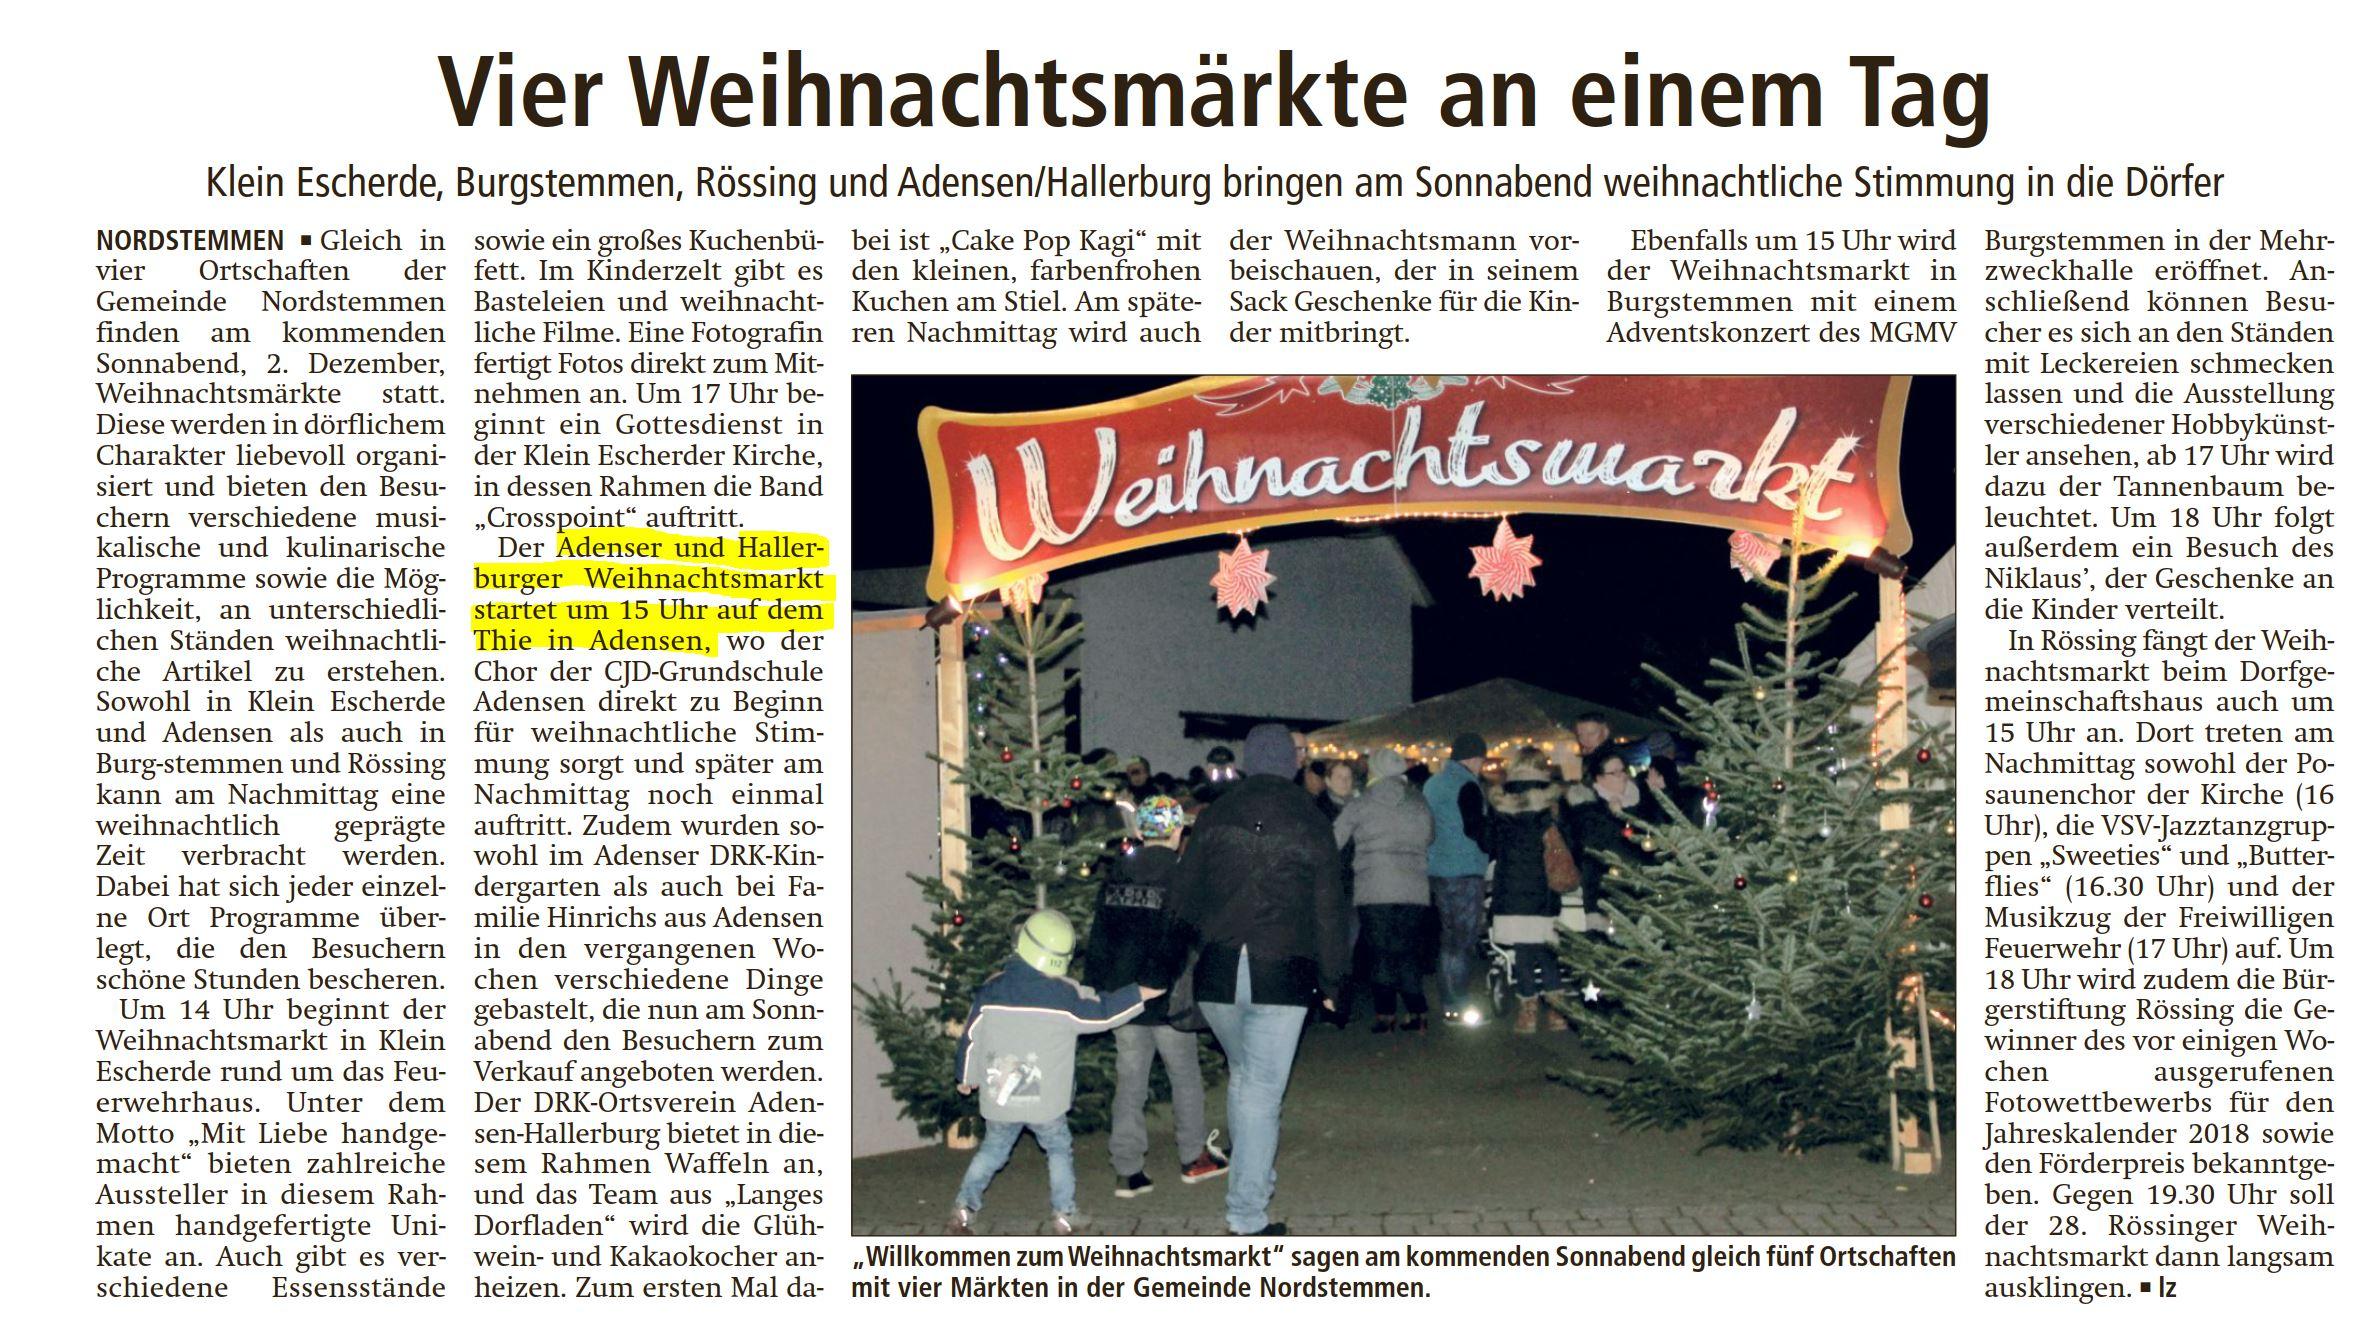 20171129_LDZ Weihnachtsmärkte Nordstemmen marked